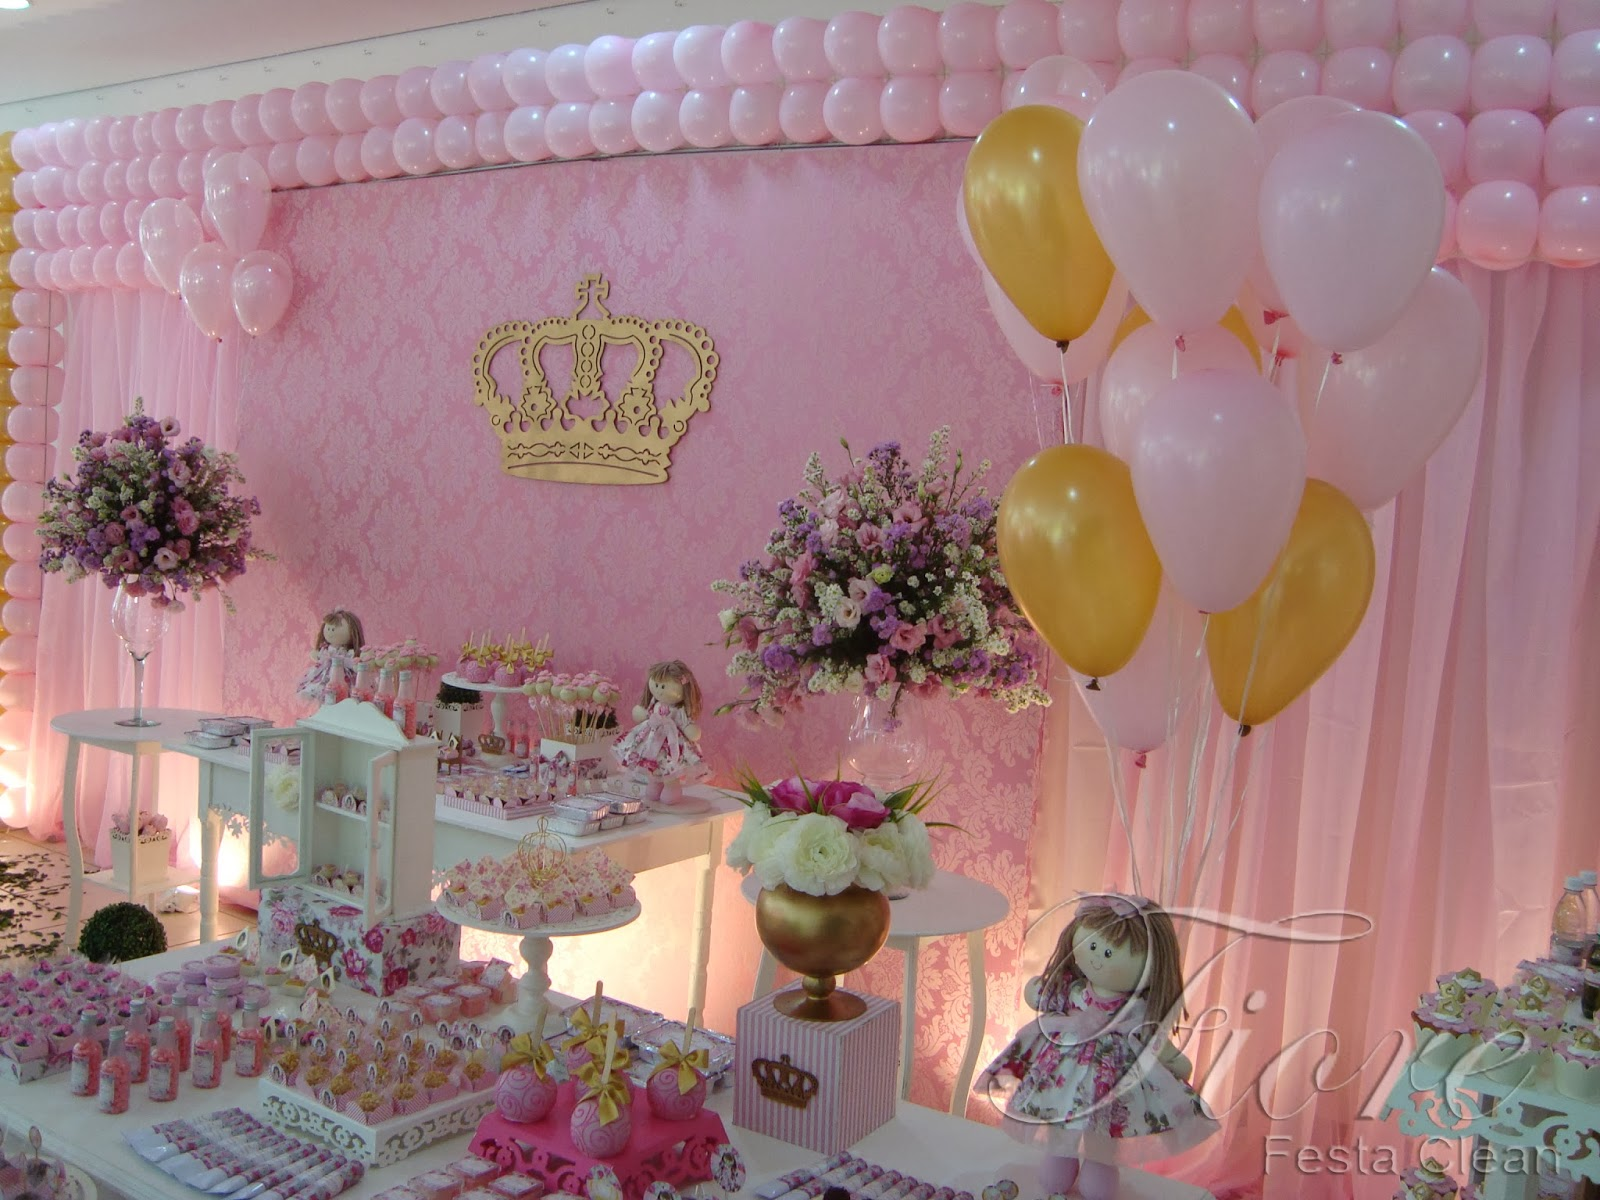 Fiore Festa Clean Festa tema Boneca Floral Princesa -> Decoração De Festa Infantil Realeza Luxo